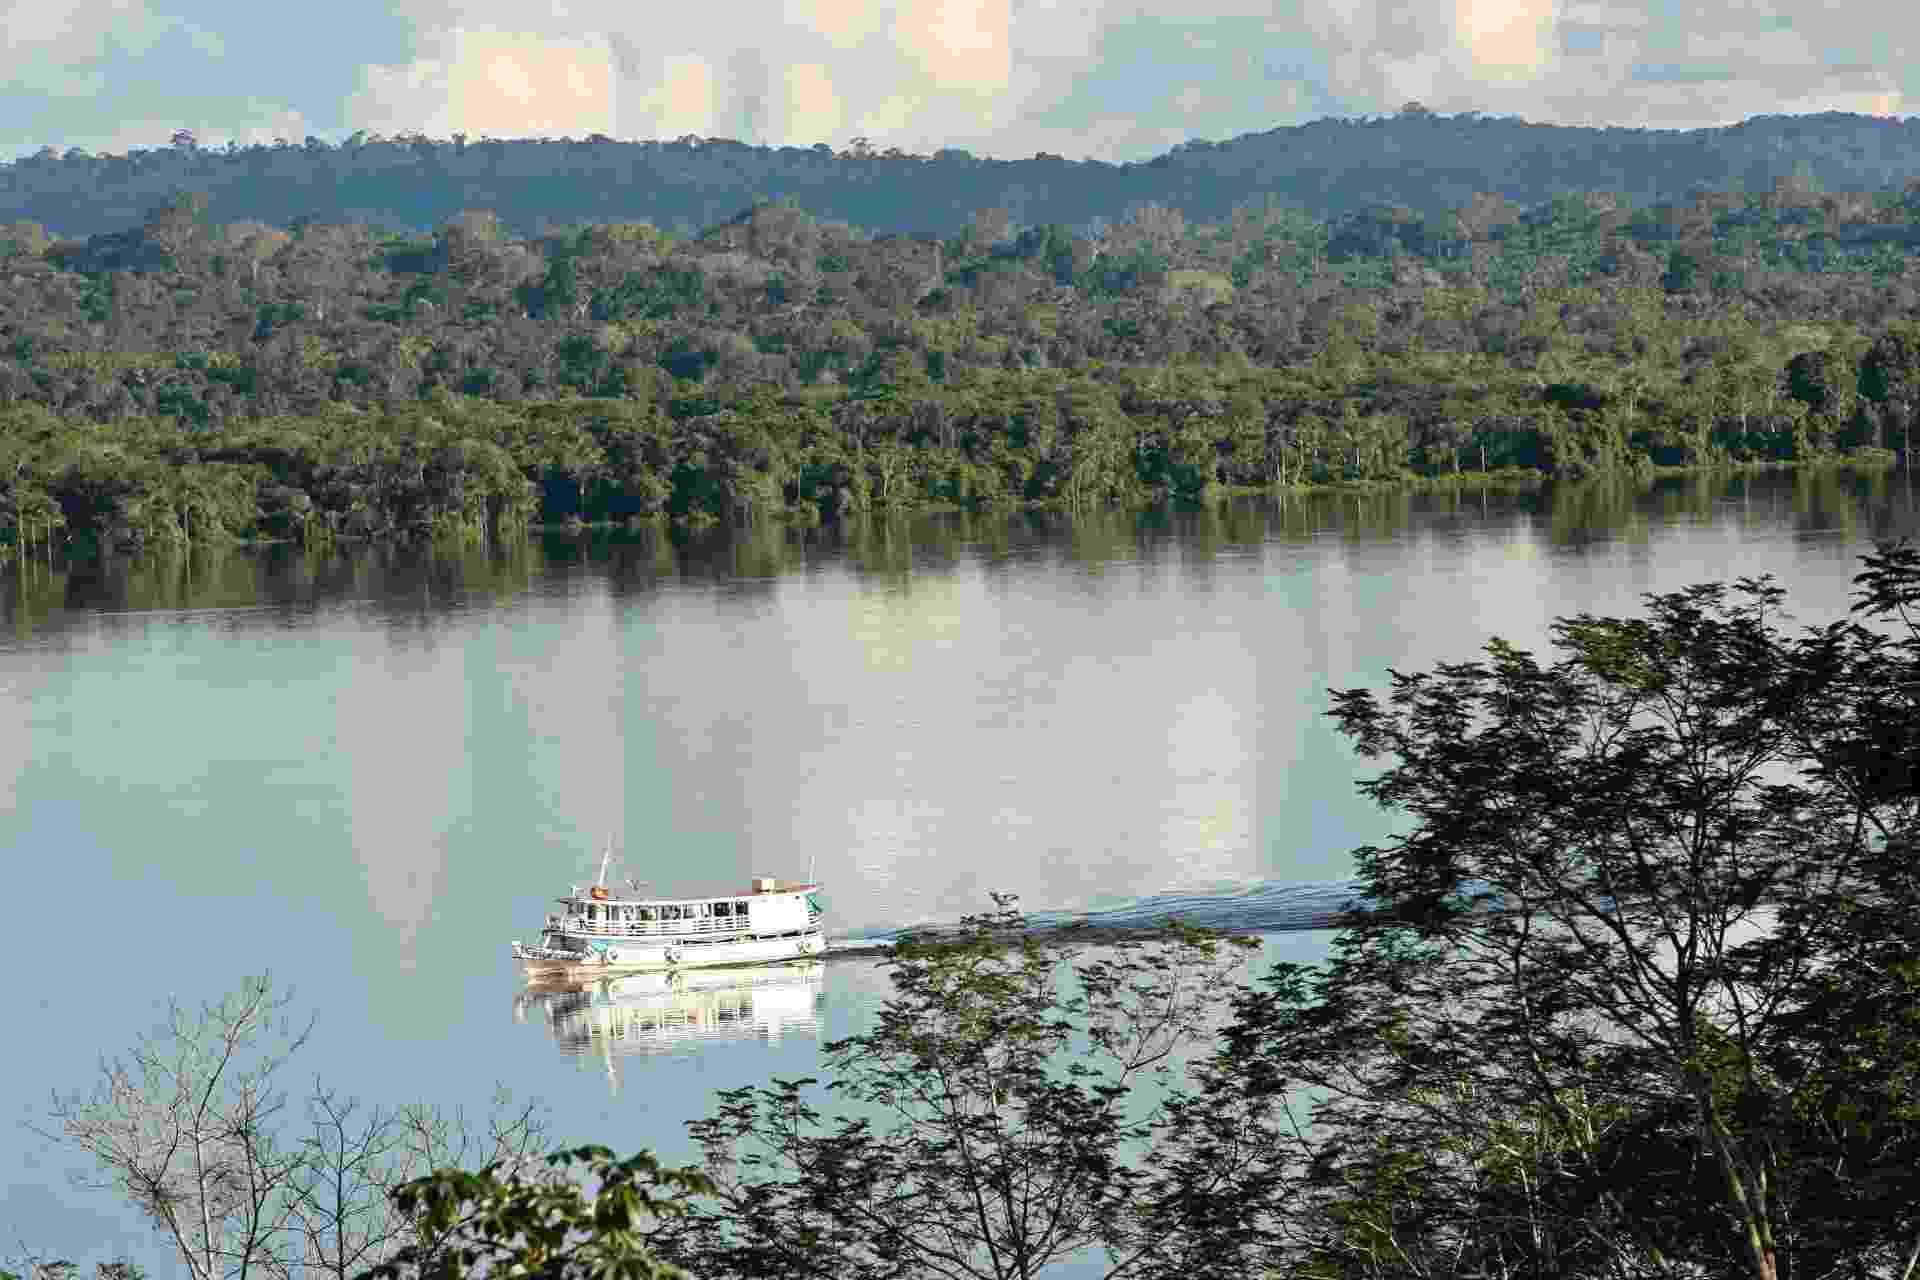 7.fev.2013 - O CO2 absorvido pela Amazônia atua como uma espécie de 'fertilizante' para suas árvores, ajudando no crescimento de galhos, folhas e raízes, revela estudo a Universidade de Exeter, na Inglaterra, publicado na revista Nature - Andre Penner/AFP